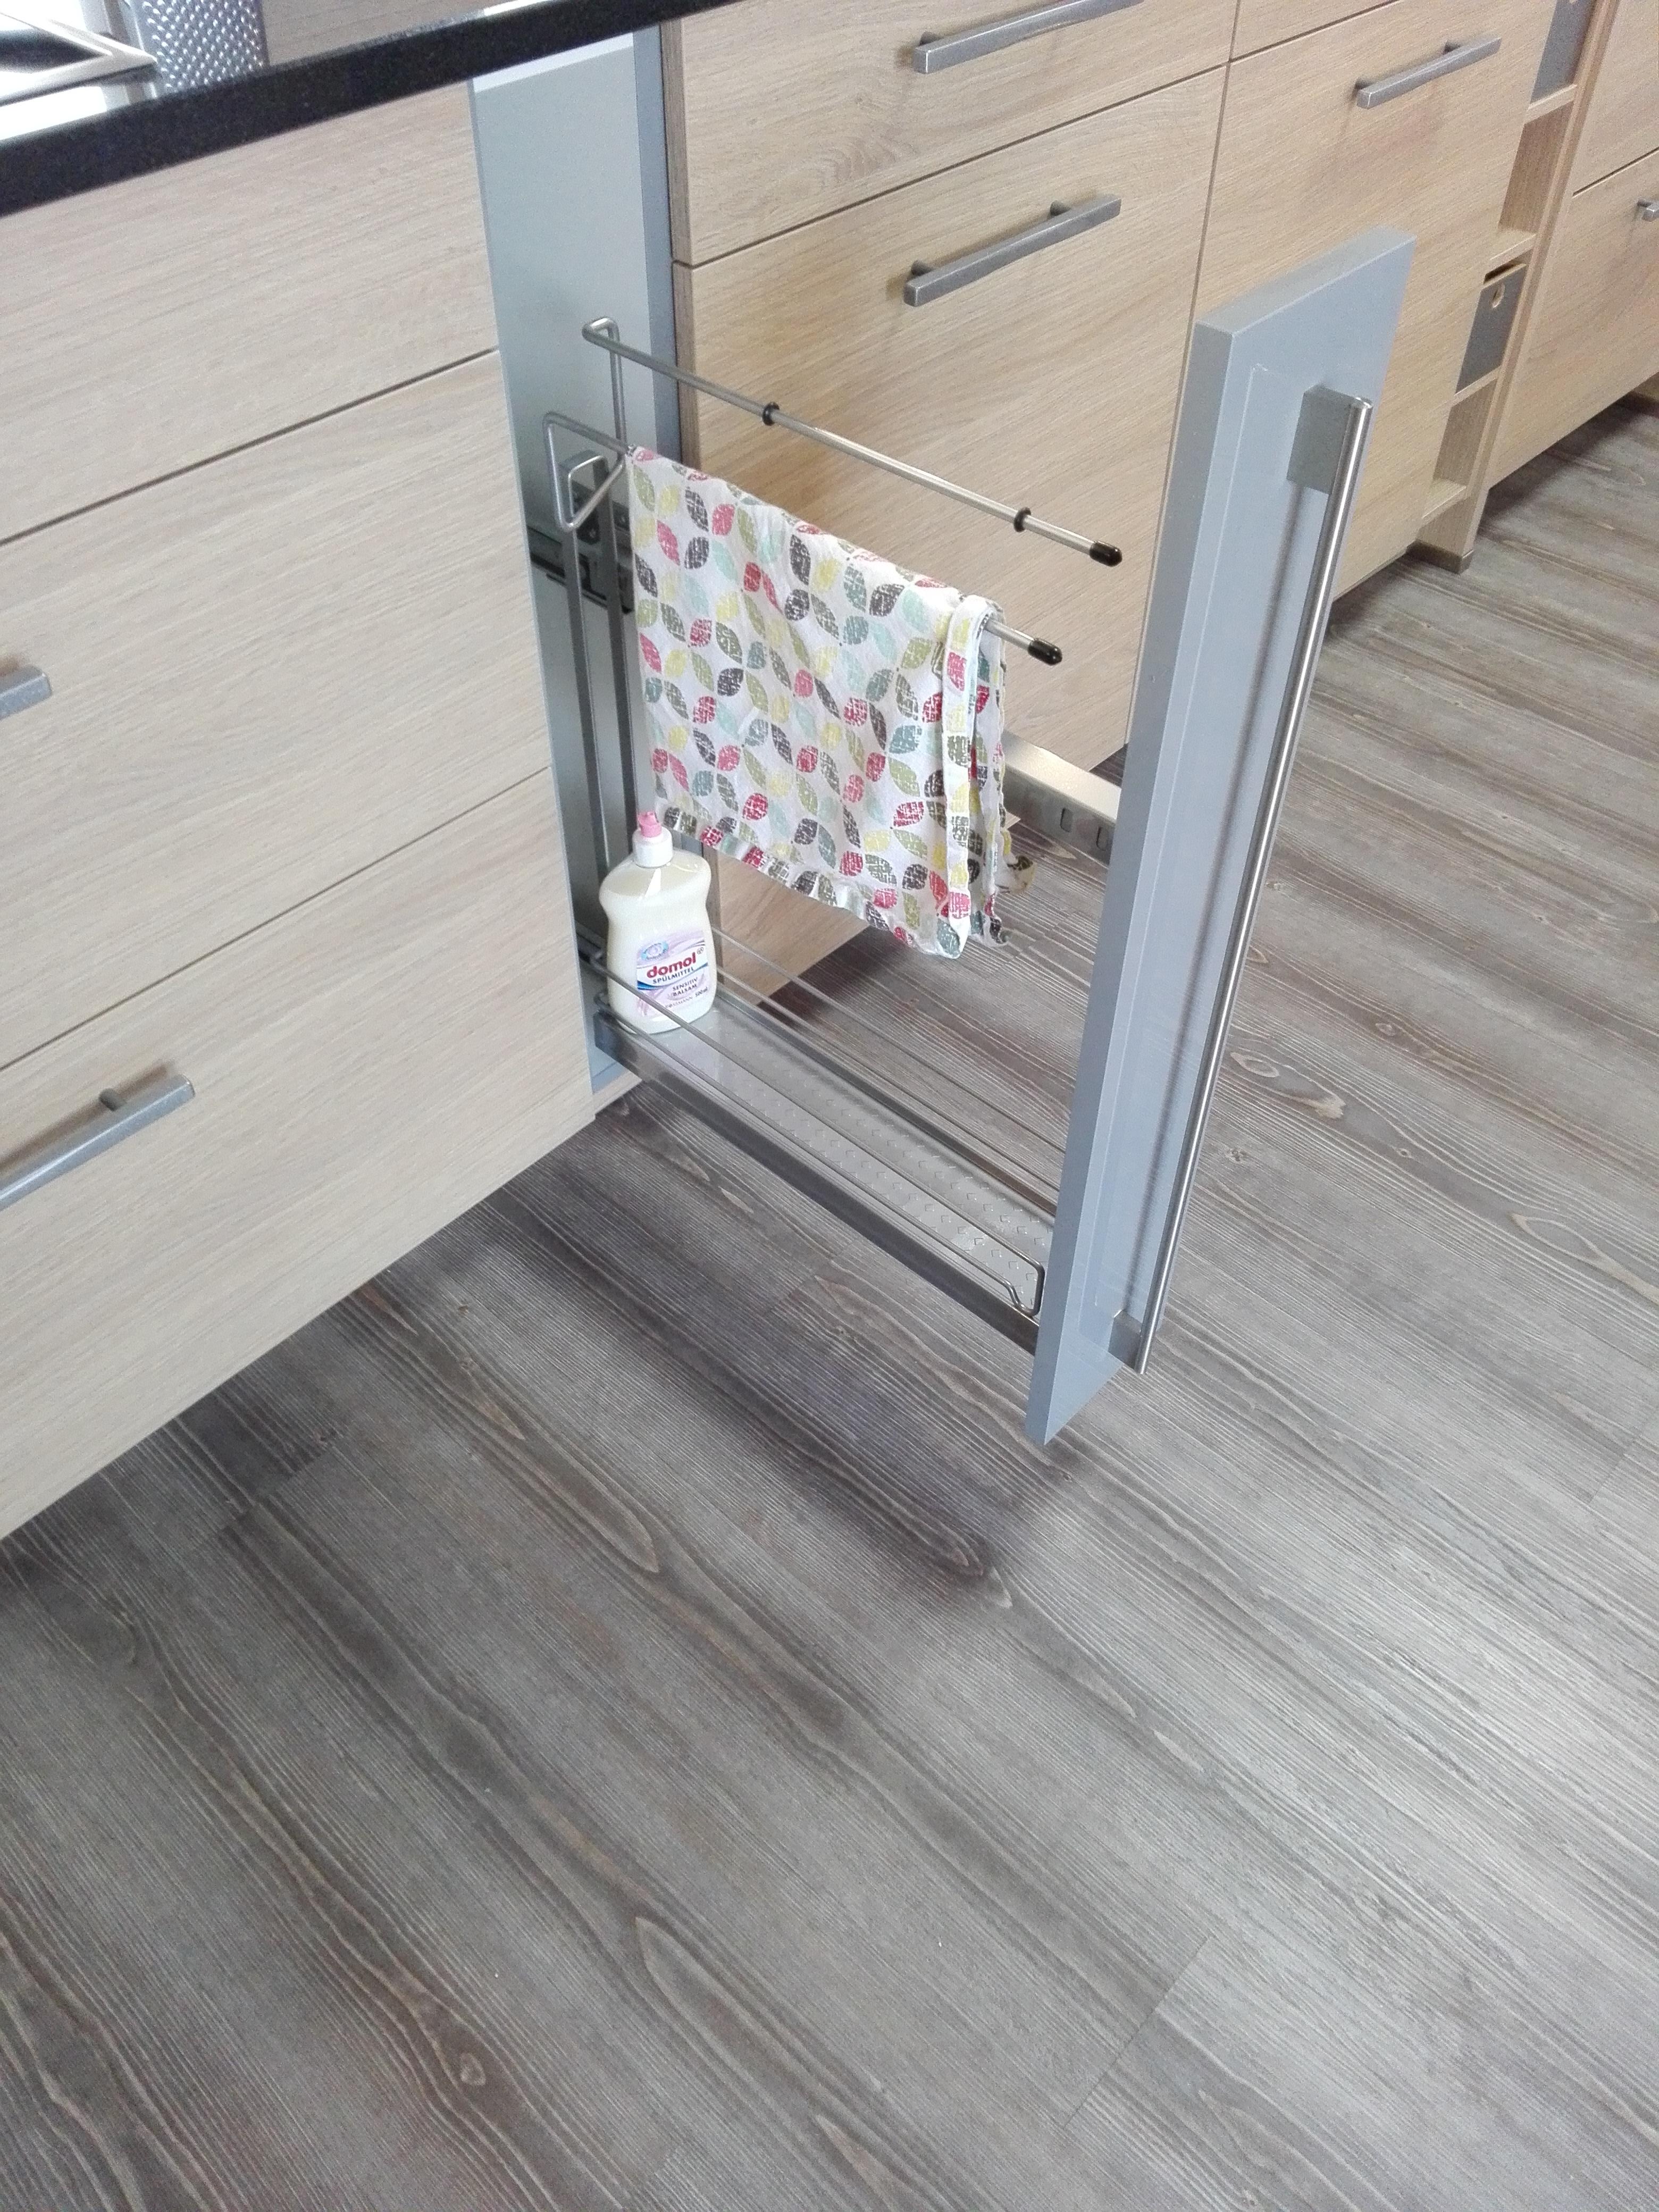 Küche 3 - Auszugsschrank mit Handtuchhalter